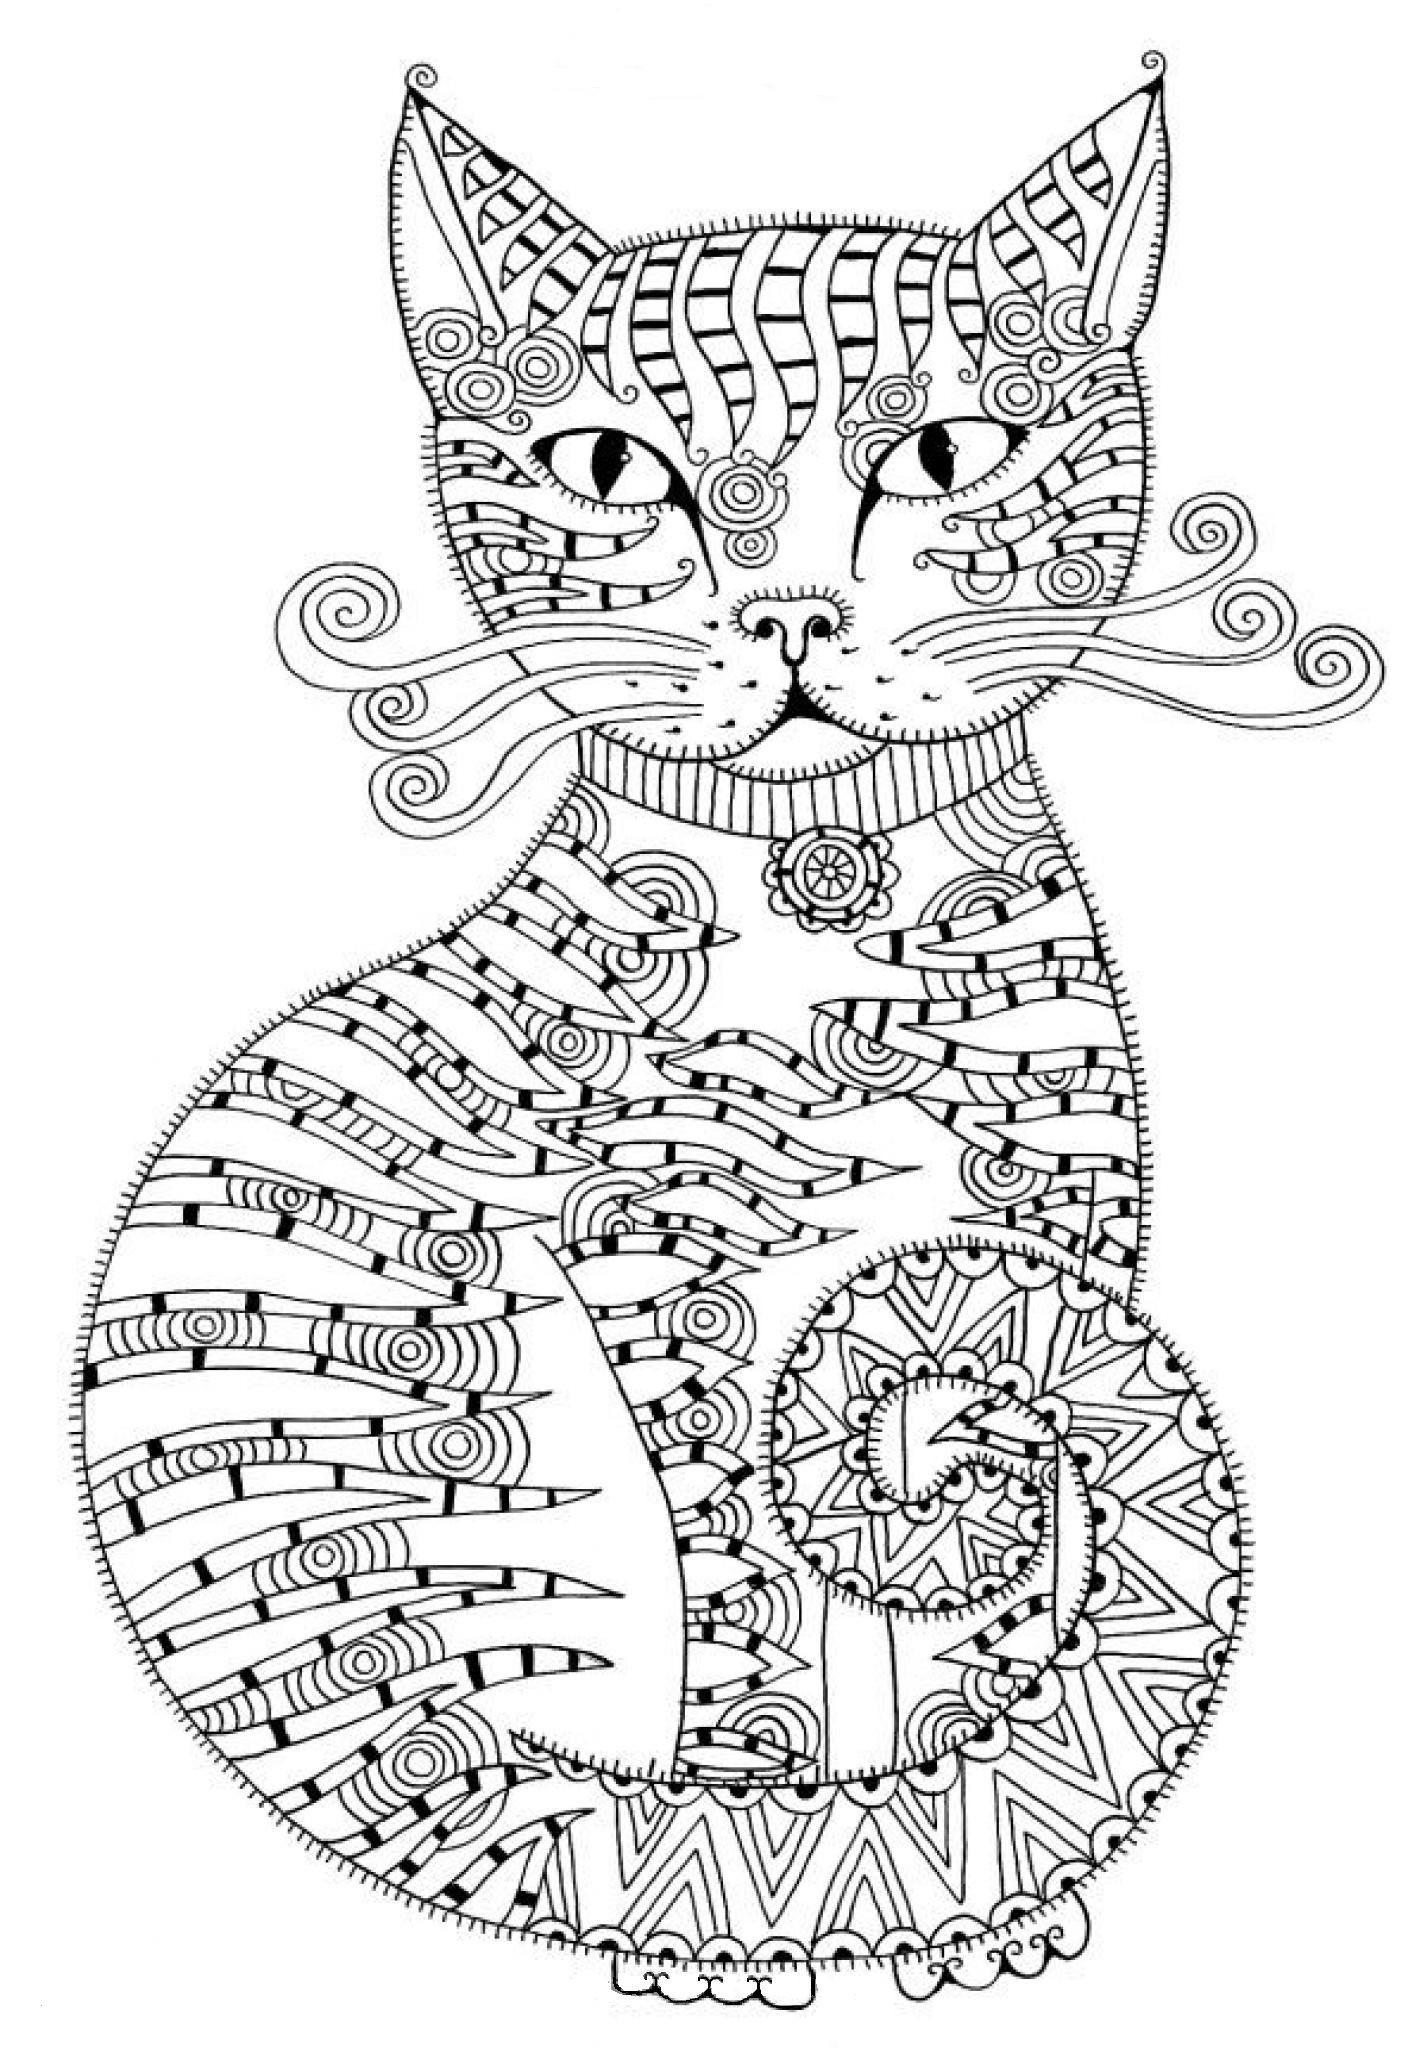 Baby Katzen Ausmalbilder Das Beste Von Babykatzen Ausmalbilder Uploadertalk Schön Baby Katzen Ausmalbilder Bild